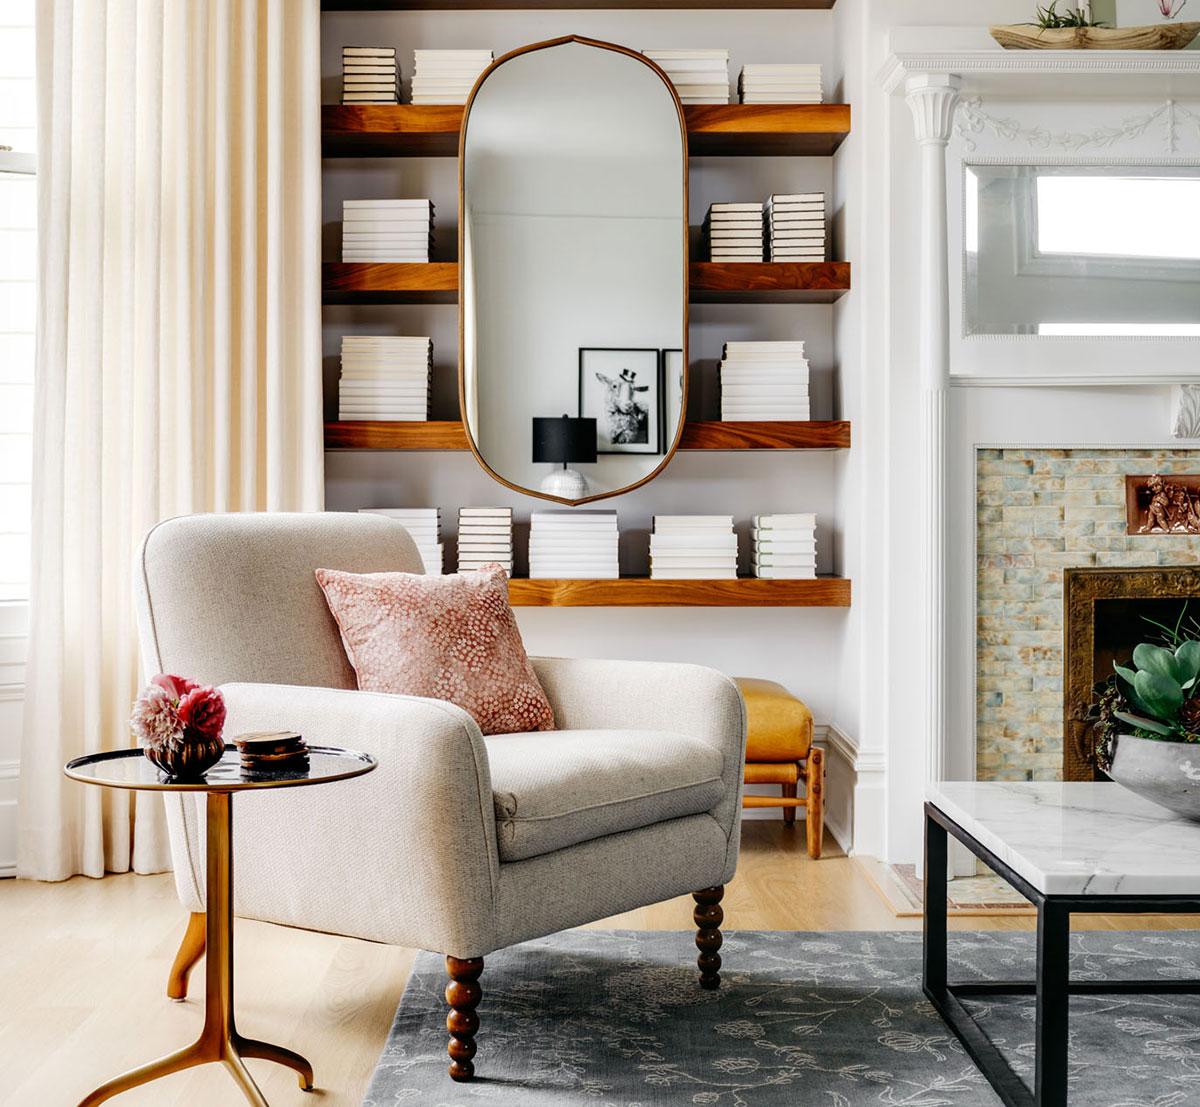 Как глоток свежего воздуха: яркий интерьер дома в эдвардианском стиле в Сан-Франциско